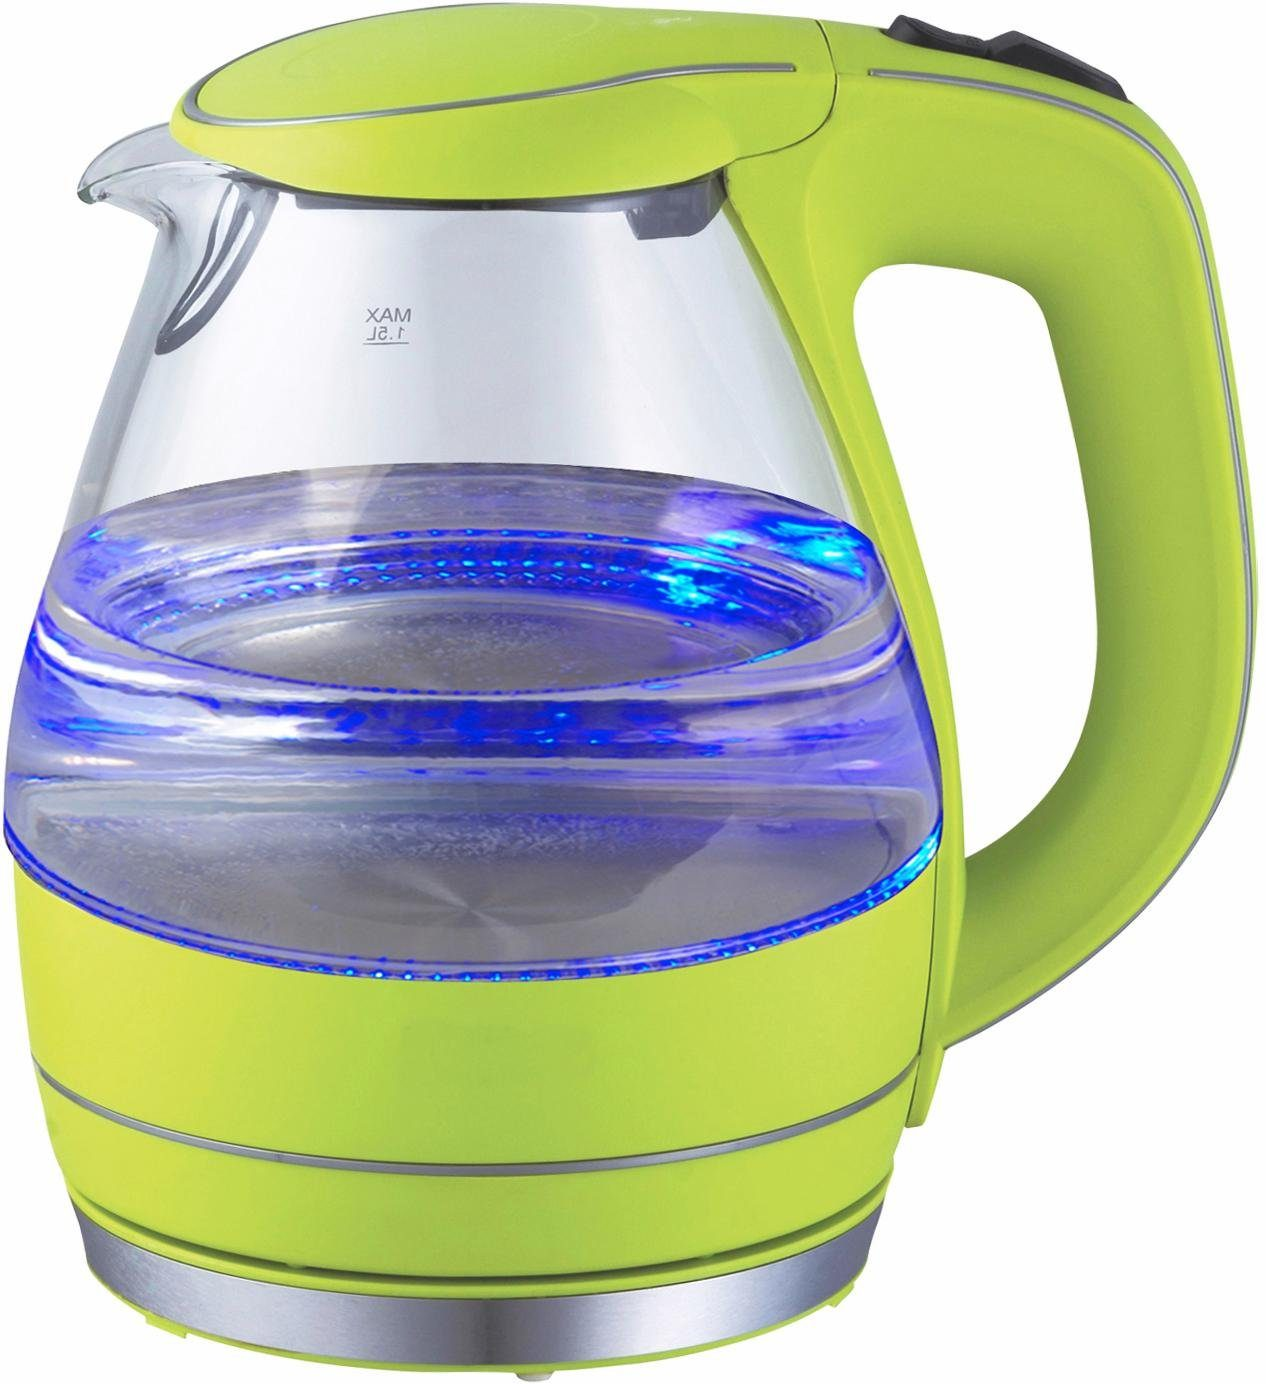 Team Kalorik Wasserkocher Glas JK1022AG, 1,5 l, 2200 W